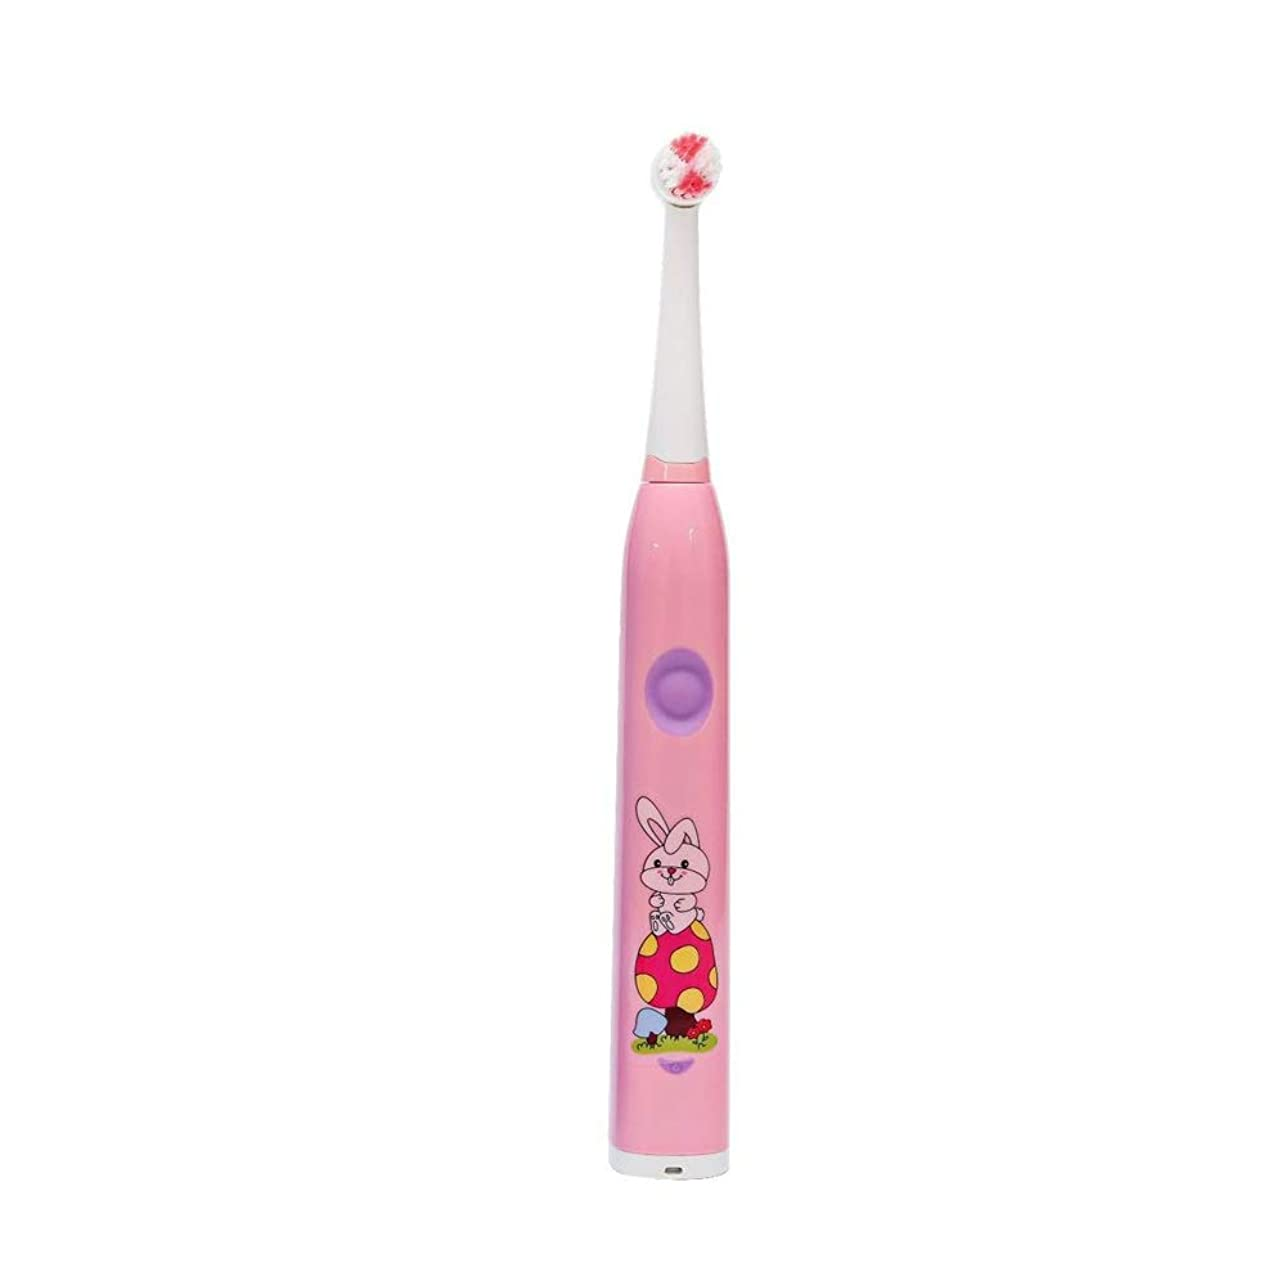 電動歯ブラシ 子供用電動歯ブラシかわいいUSB充電式歯ブラシ (色 : ピンク, サイズ : Free size)